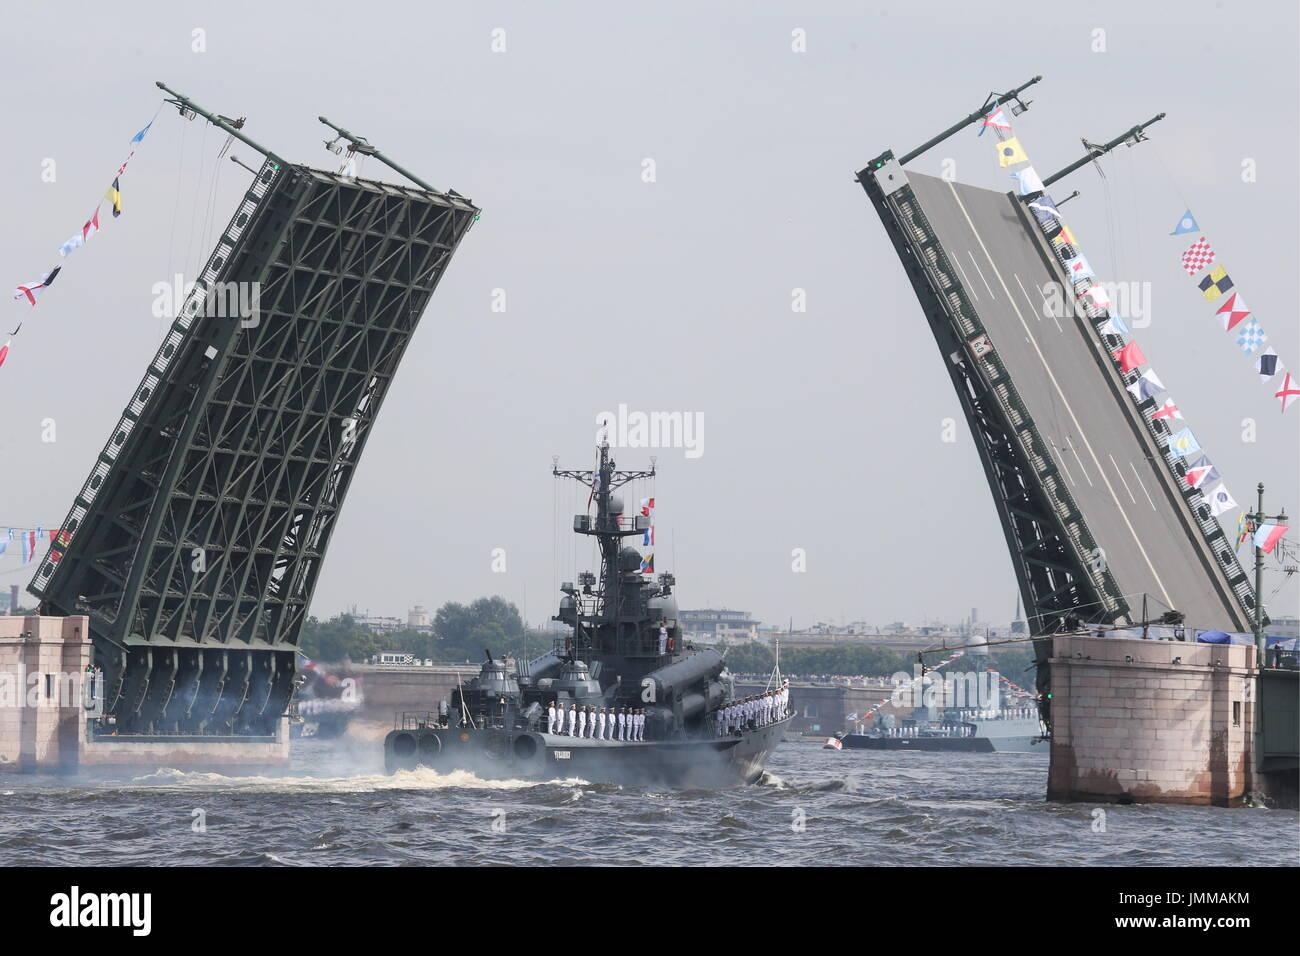 Saint-pétersbourg, Russie. 28 juillet, 2017. Les missiles de la République Tchouvache voile prend part Photo Stock